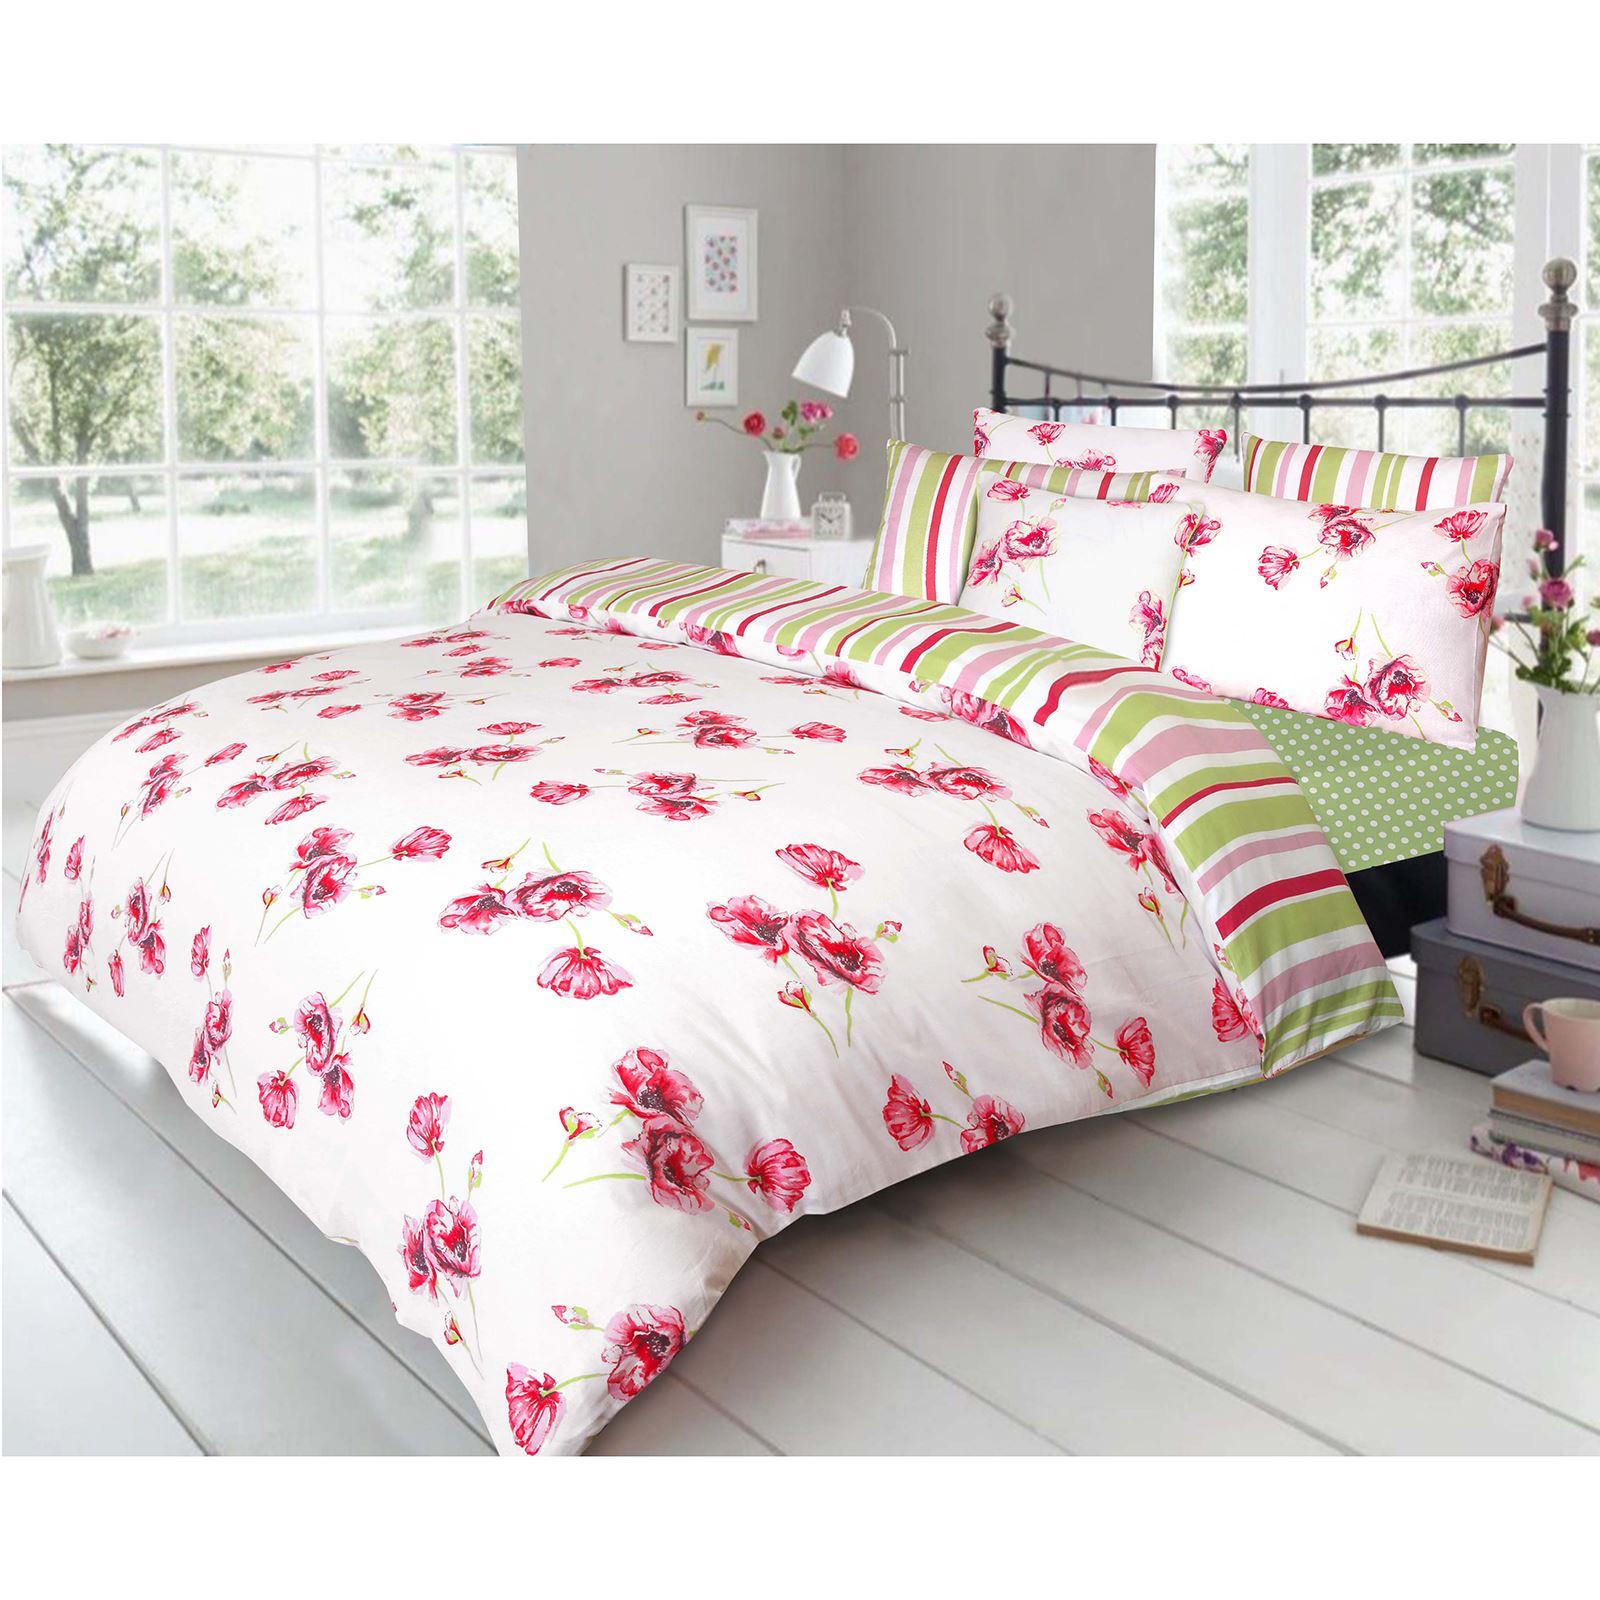 Poppy Floral 100 Cotton Quilt Duvet Cover Pillowcase Soft Bedding Set White Red Ebay